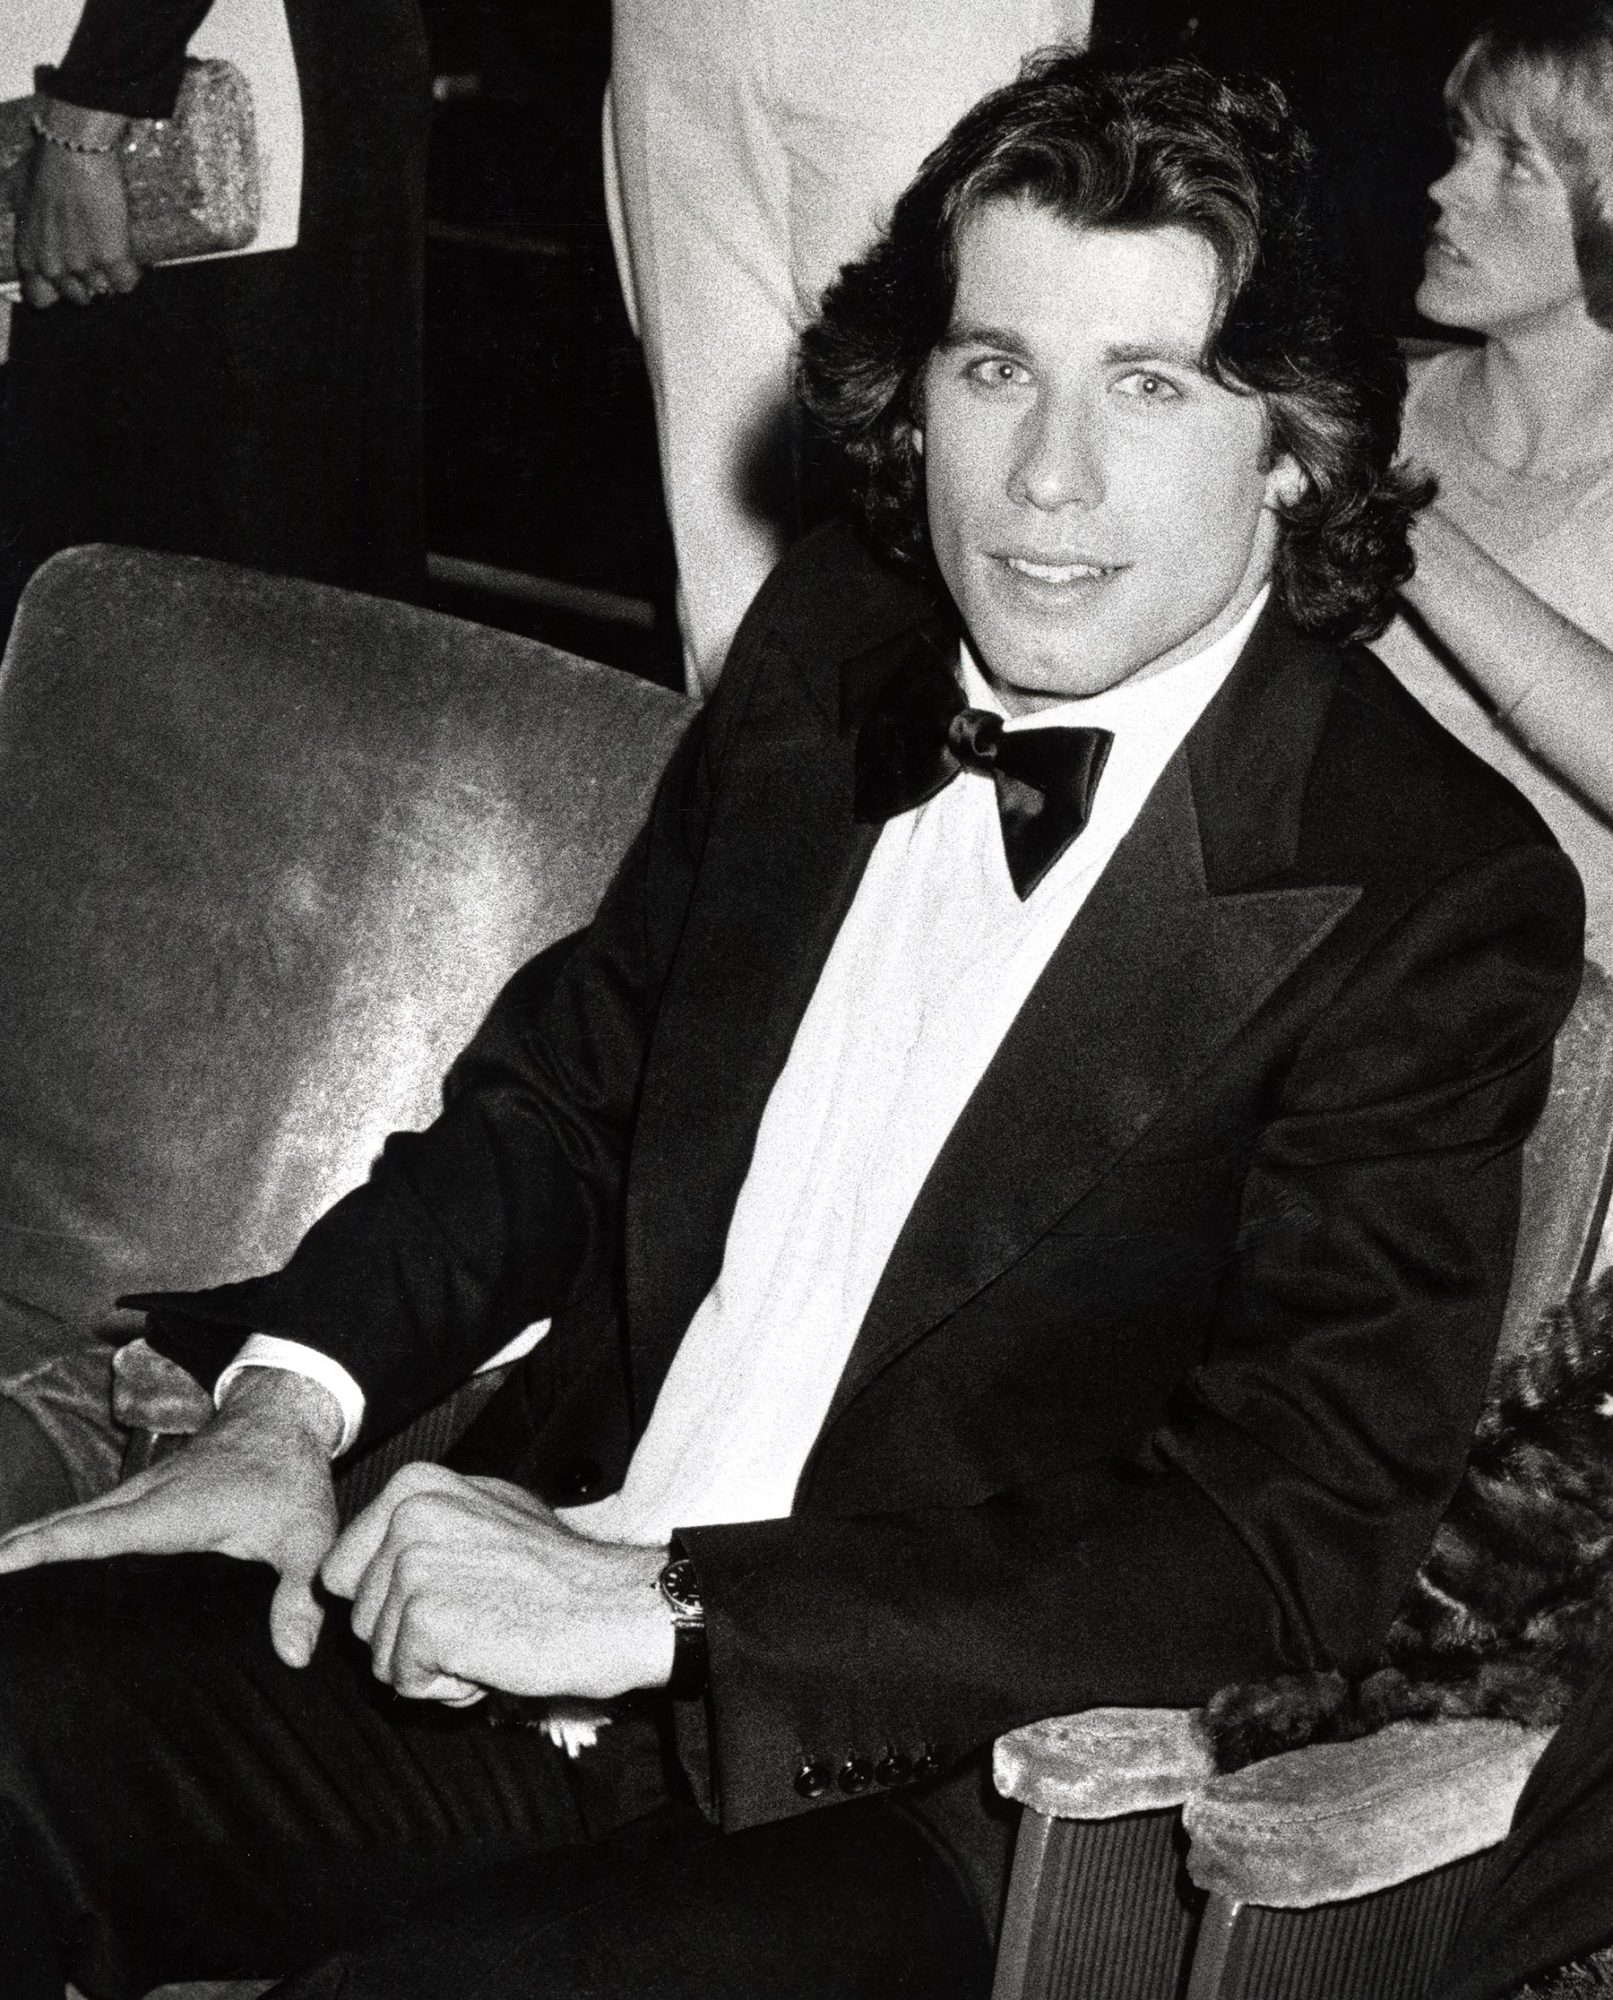 50th Annual Academy Awards